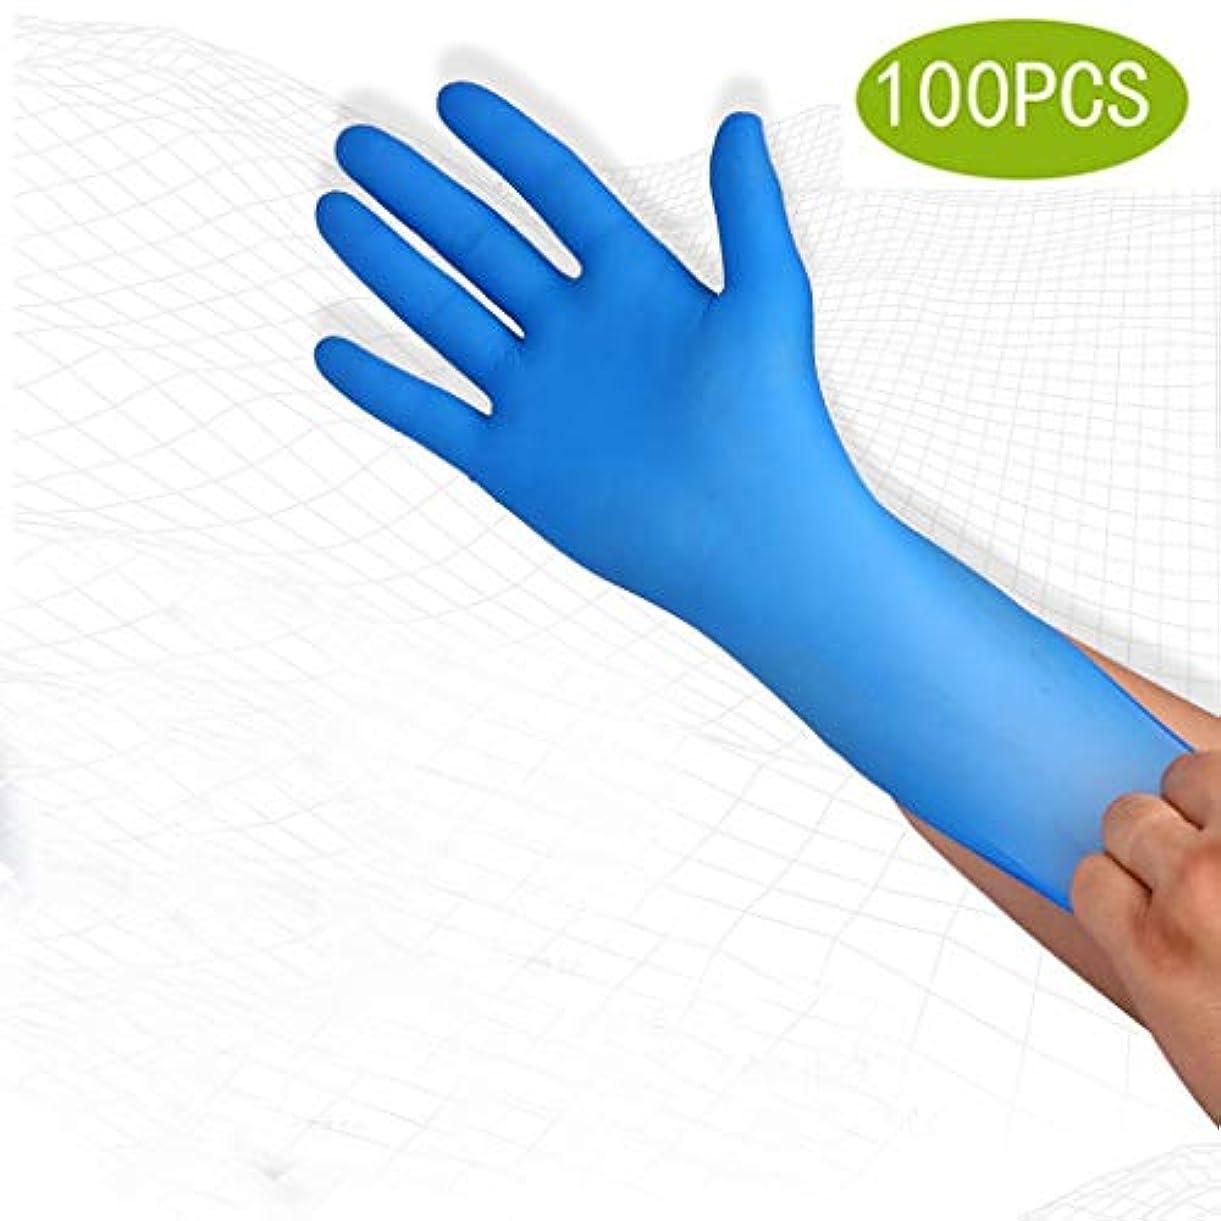 に向かって絶滅翻訳使い捨て手袋食品ケータリング手術Ding Qing食品グレードの化学保護手袋実験室/食品グレードの安全用品、使い捨てハンドグローブディスペンサー[100個] (Size : M)